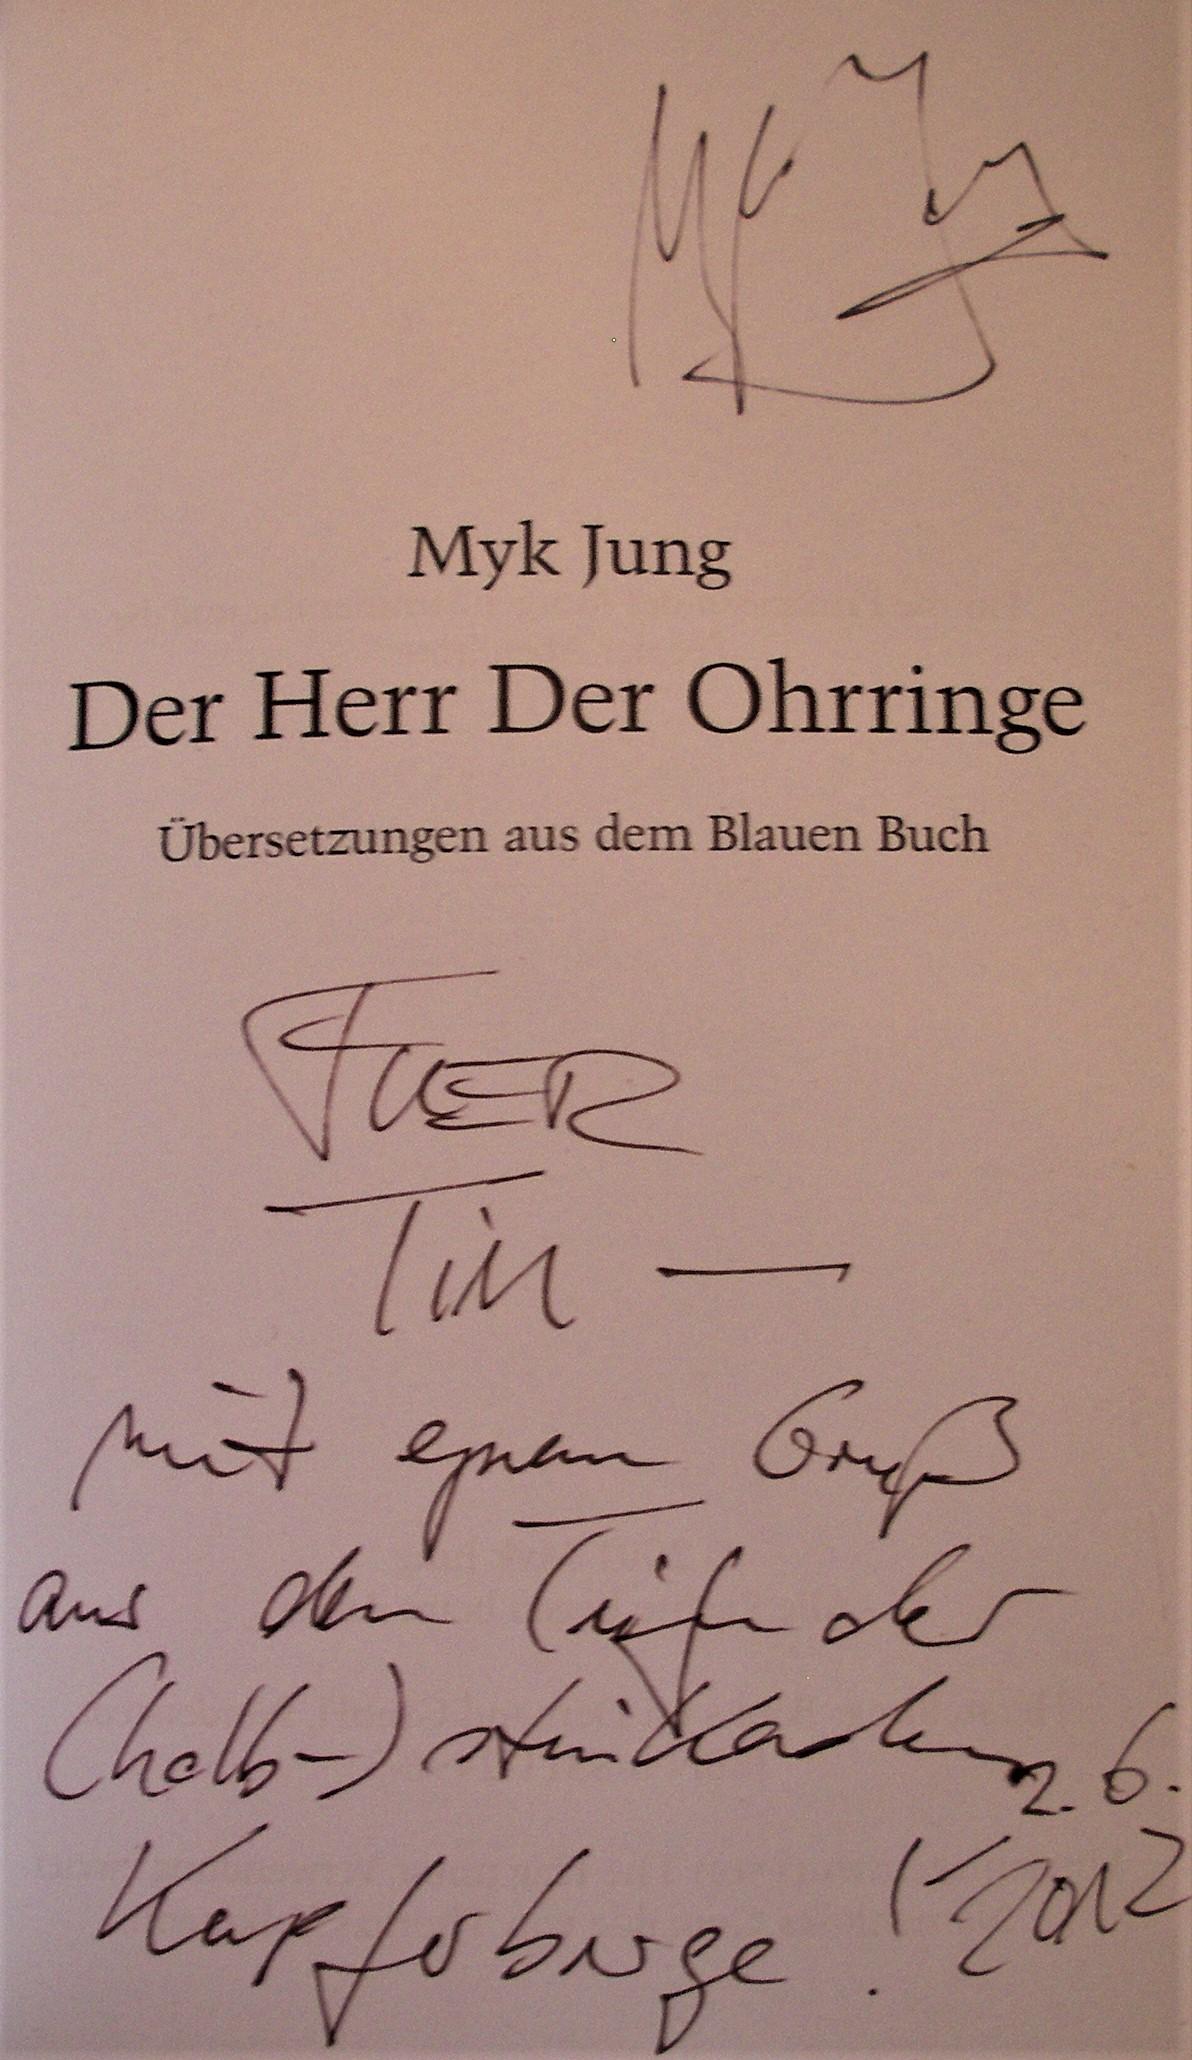 Myk Jung